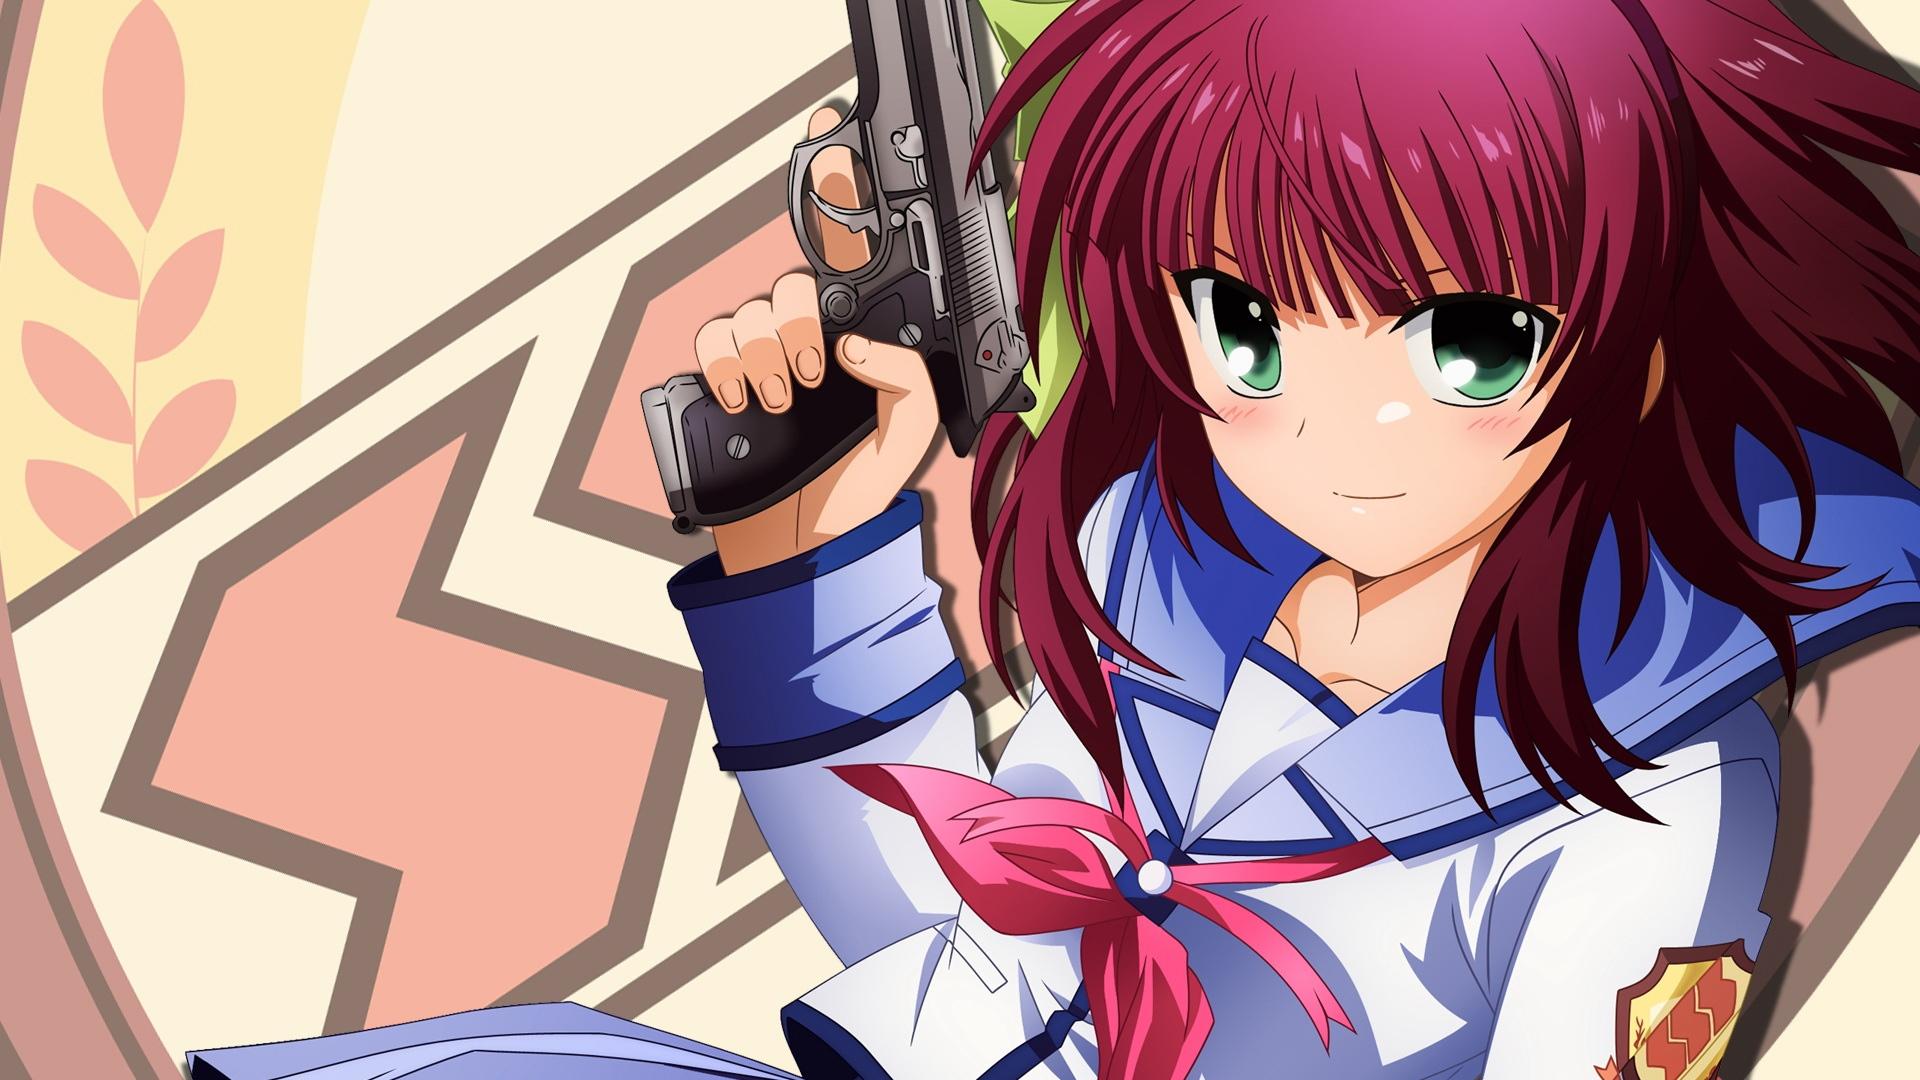 Download wallpaper 1920x1080 angel beats girl gun wall angel beats girl gun voltagebd Images